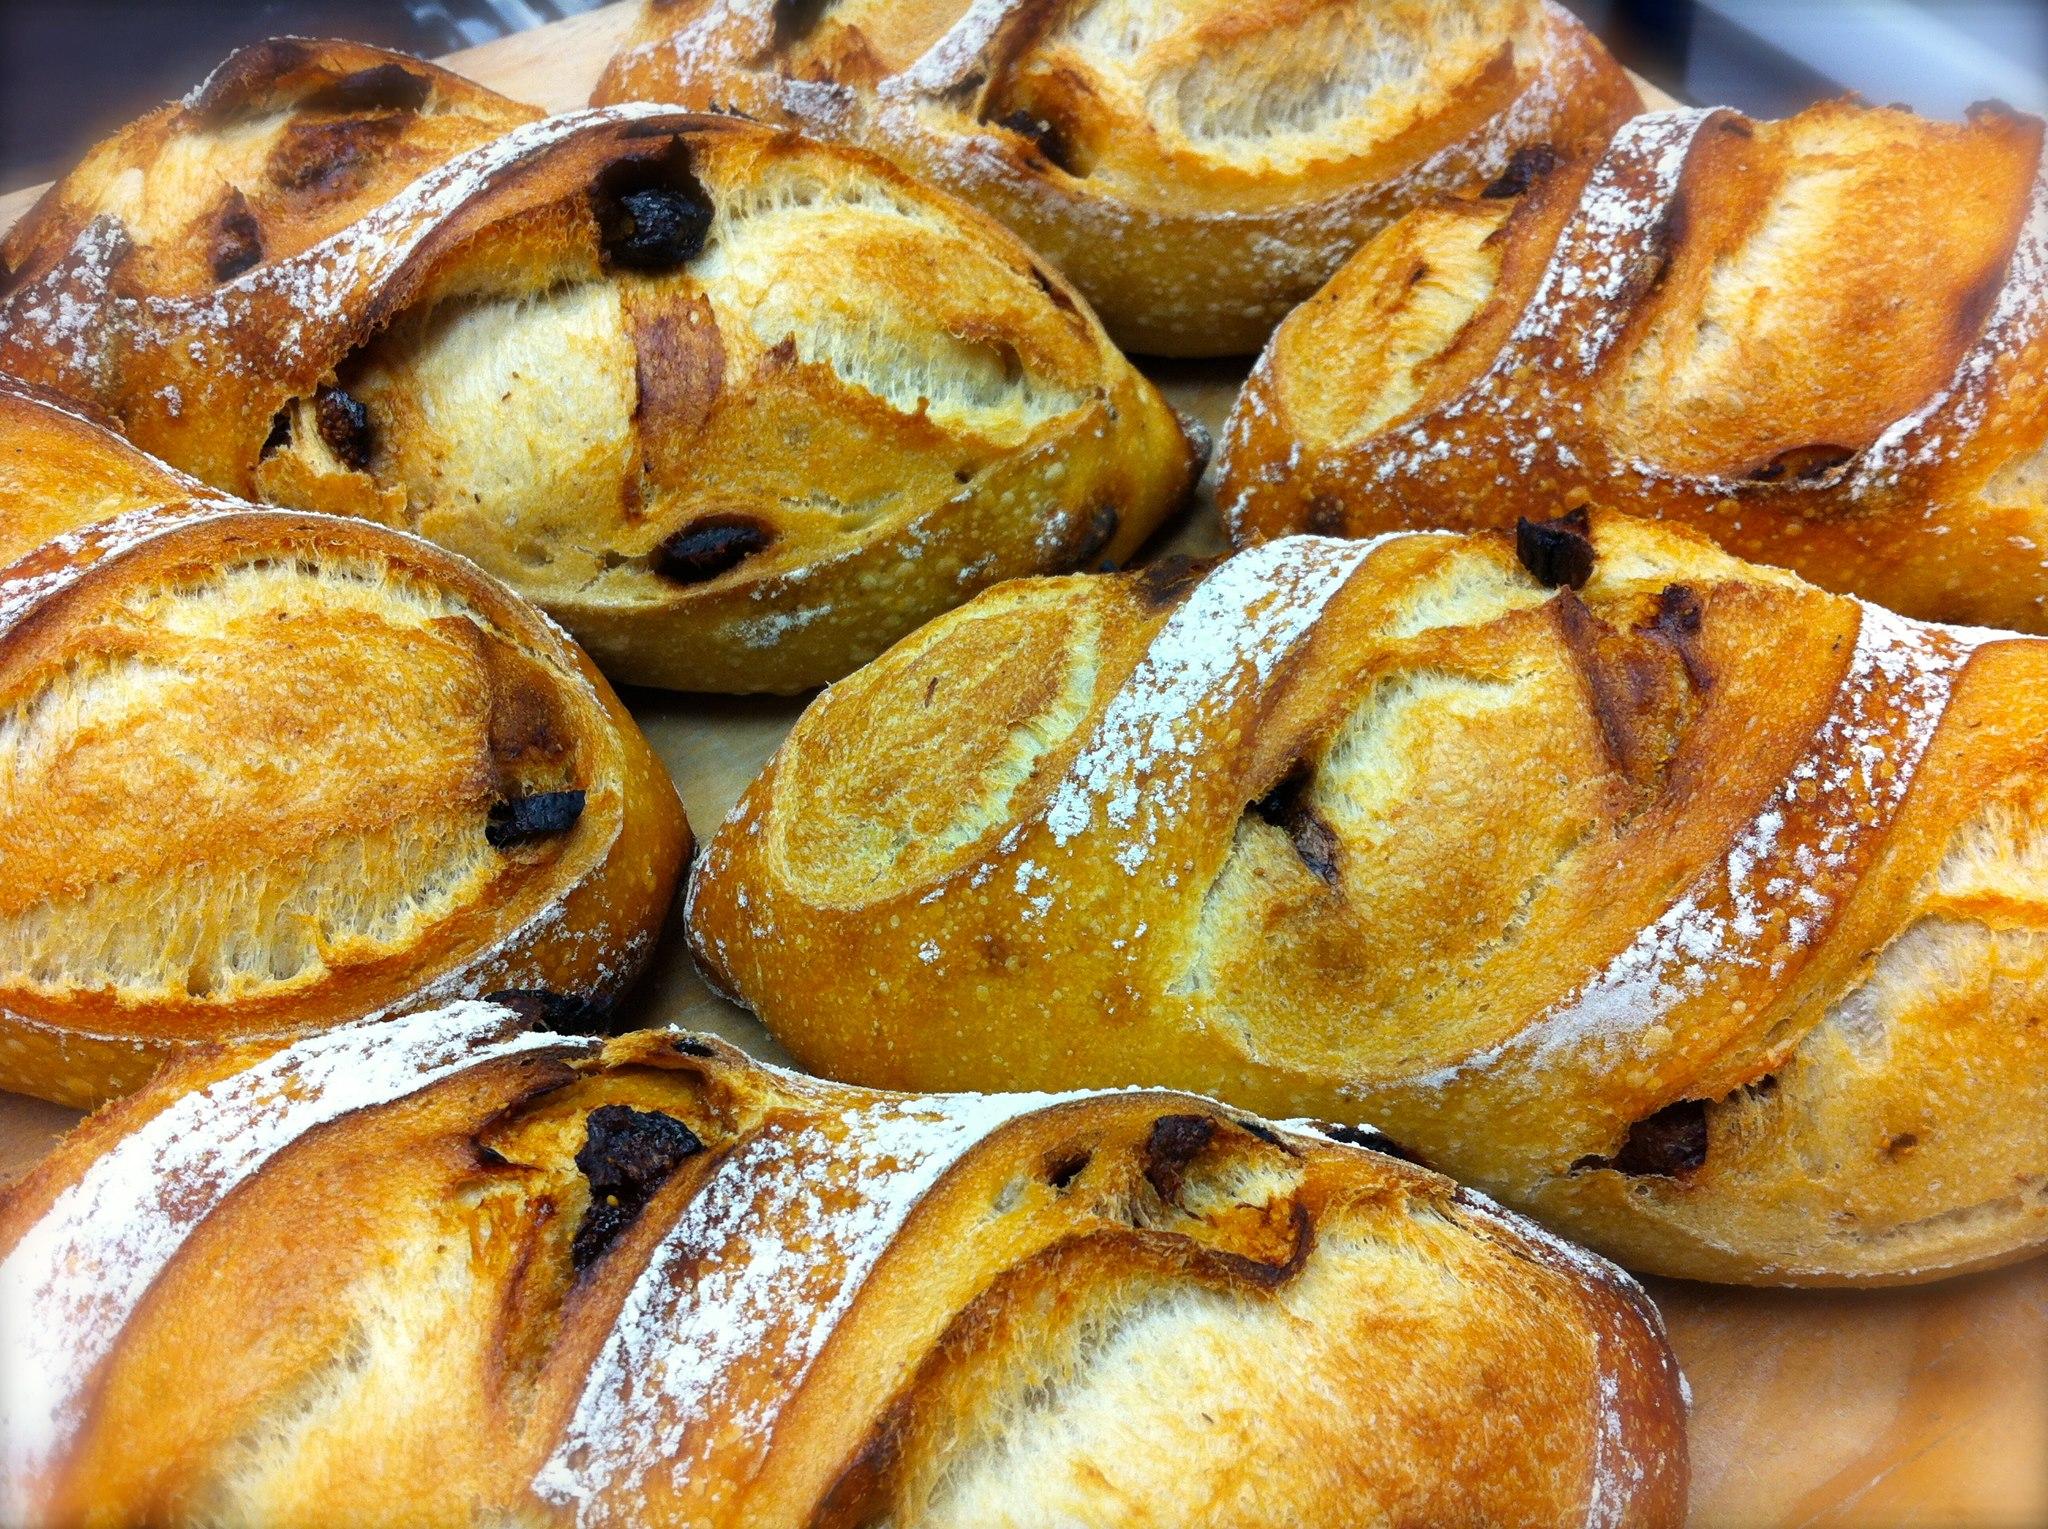 Baguette et Chocolat's sourdough bread